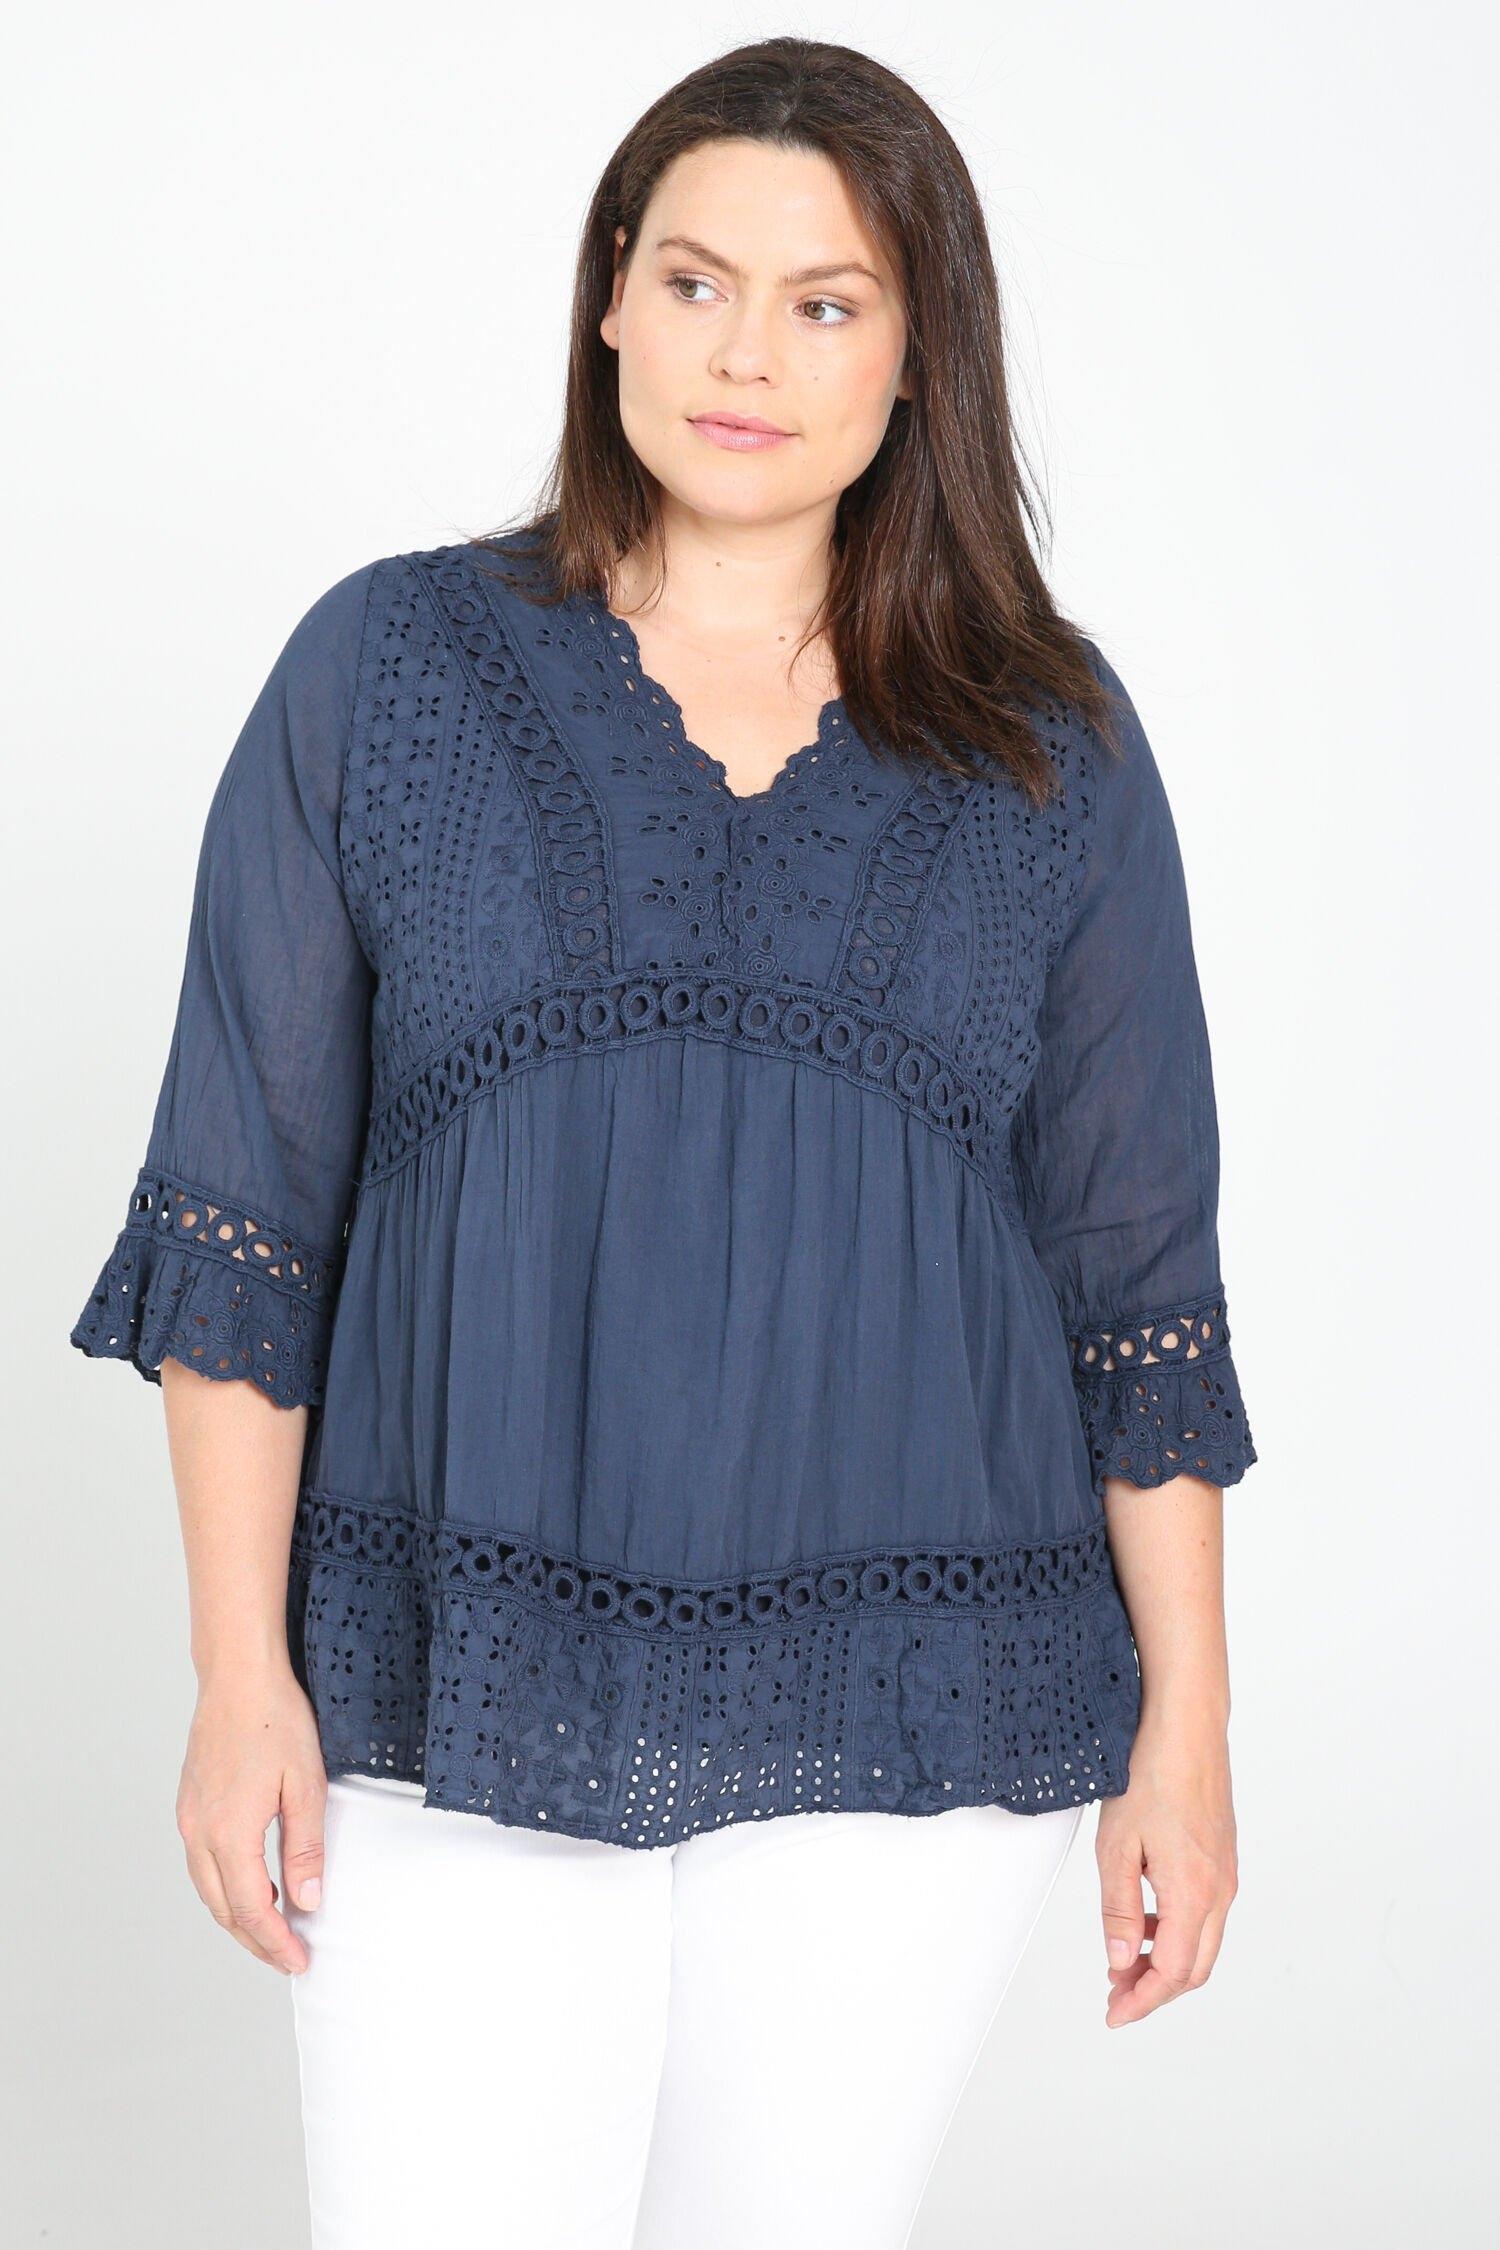 Paprika kanten blouse voordelig en veilig online kopen